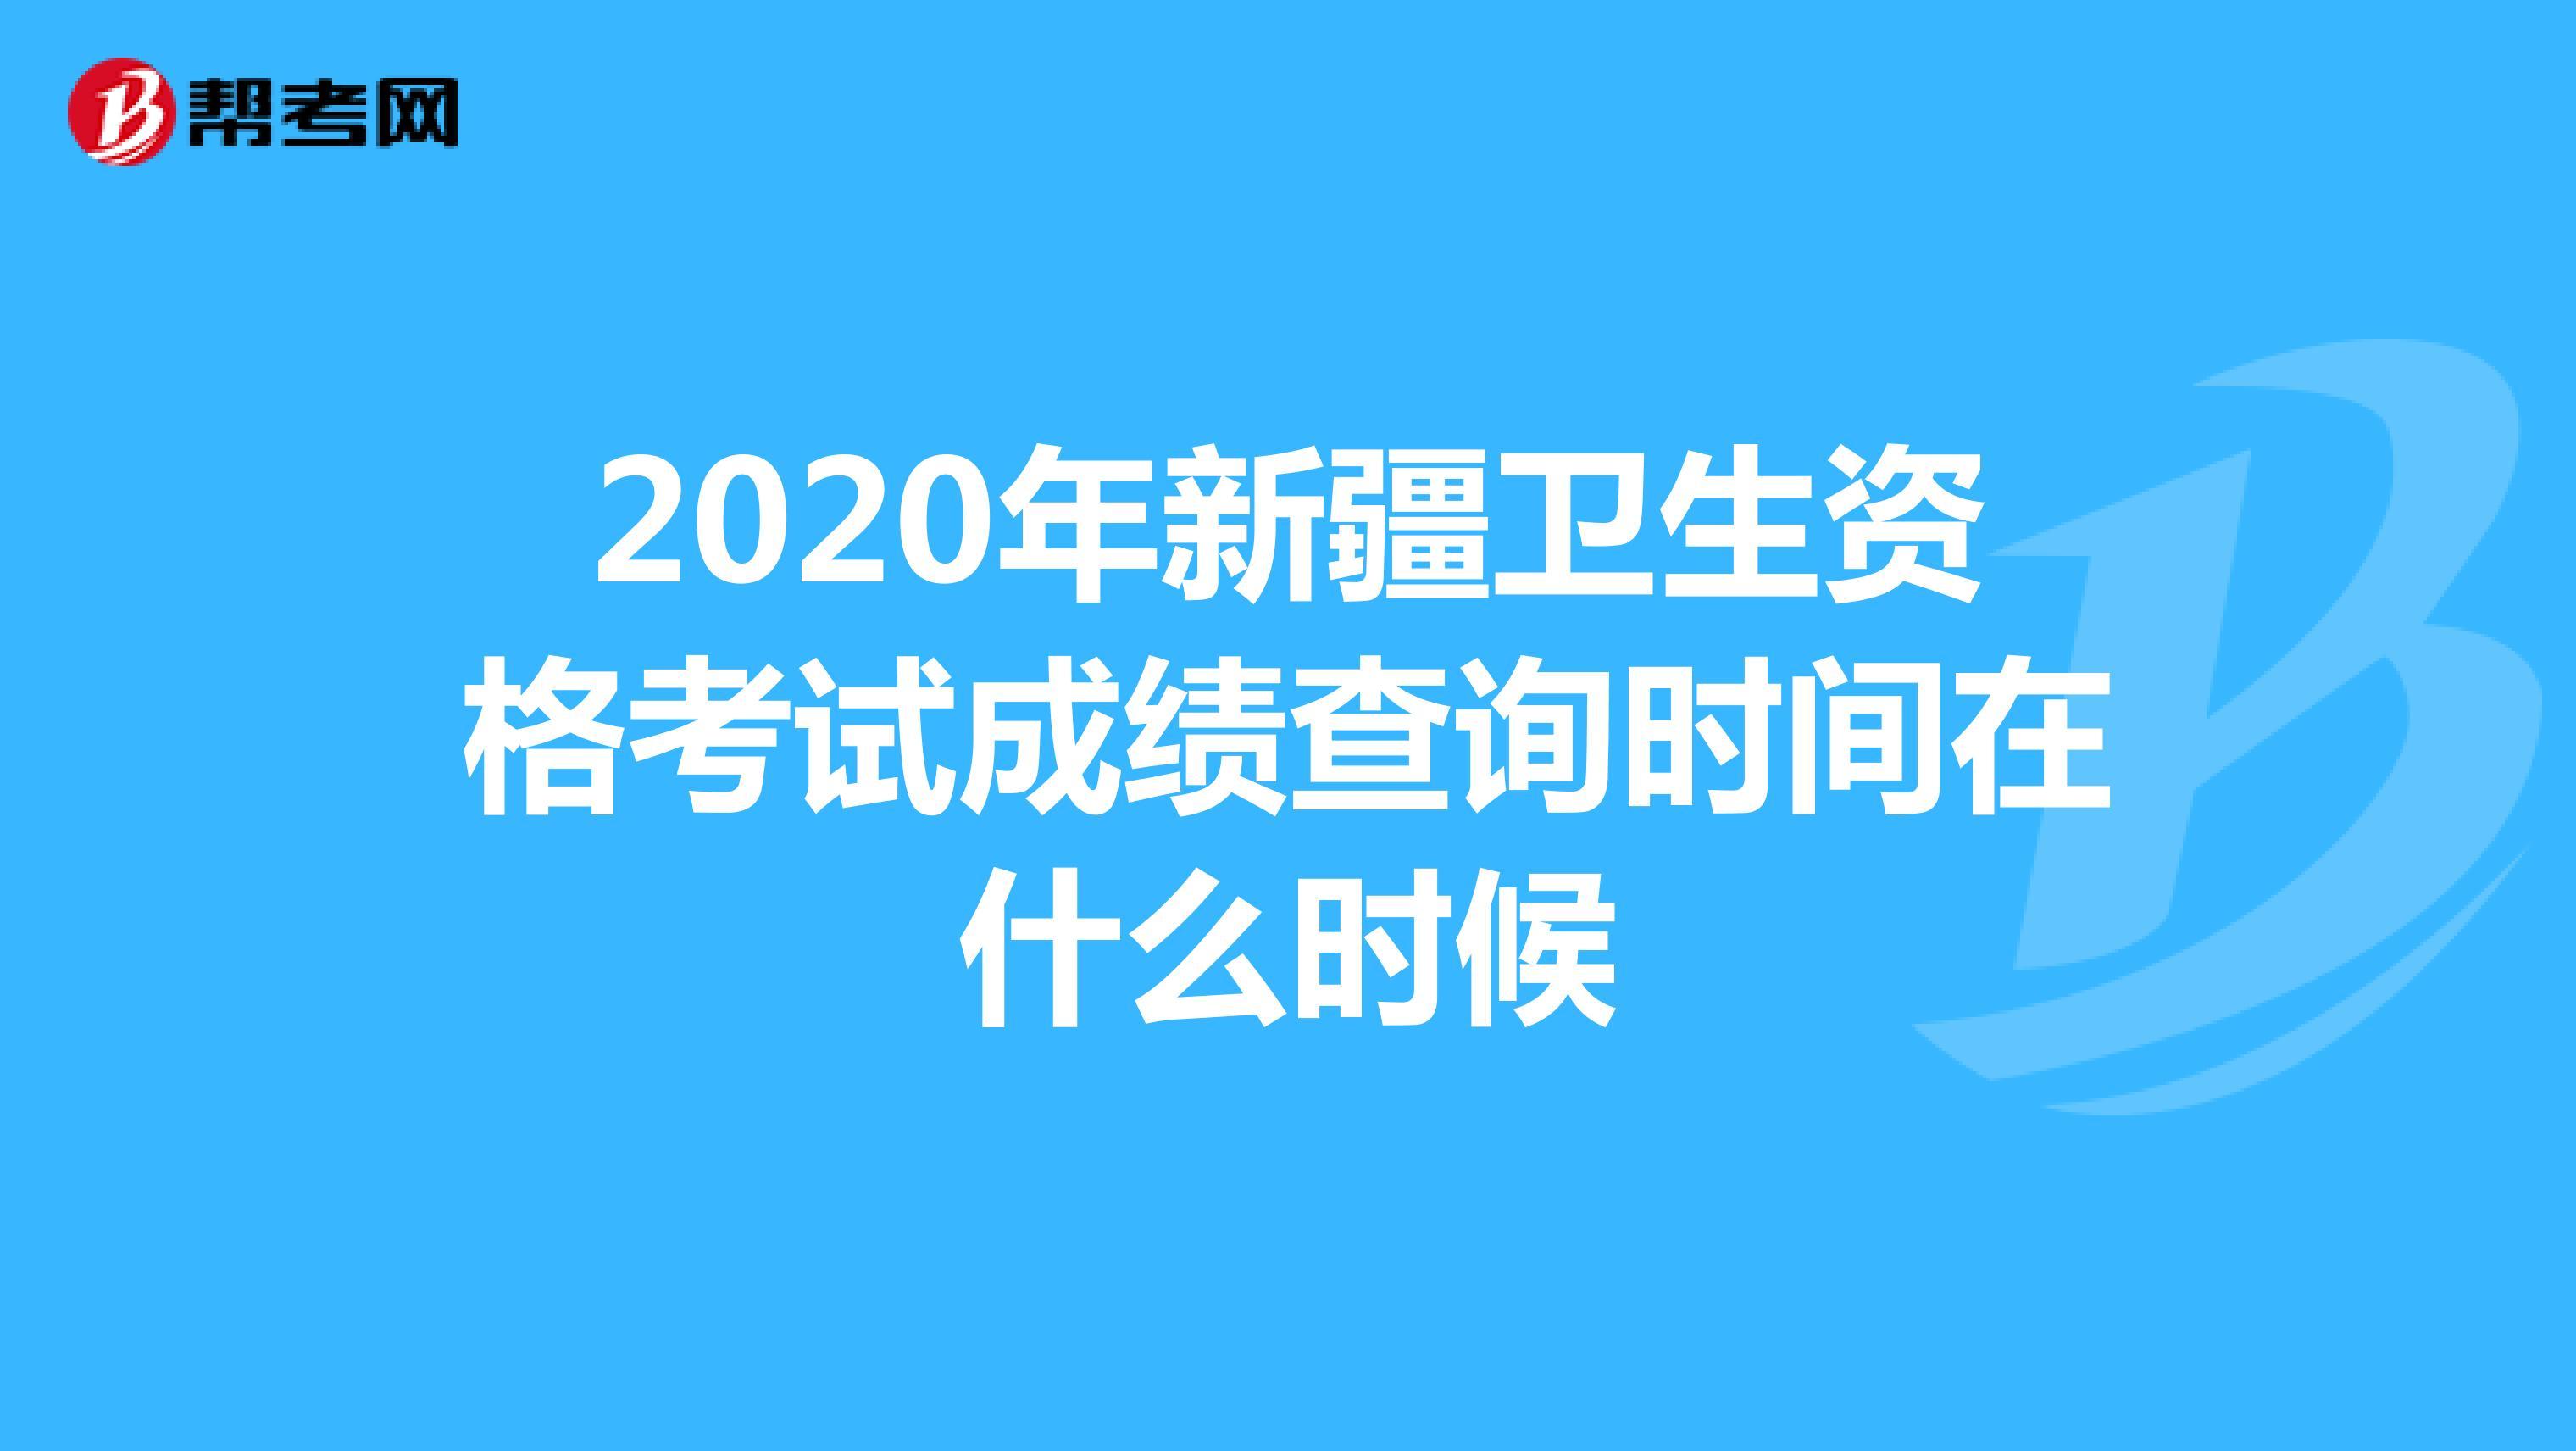 2020年新疆卫生资格考试成绩查询时间在什么时候